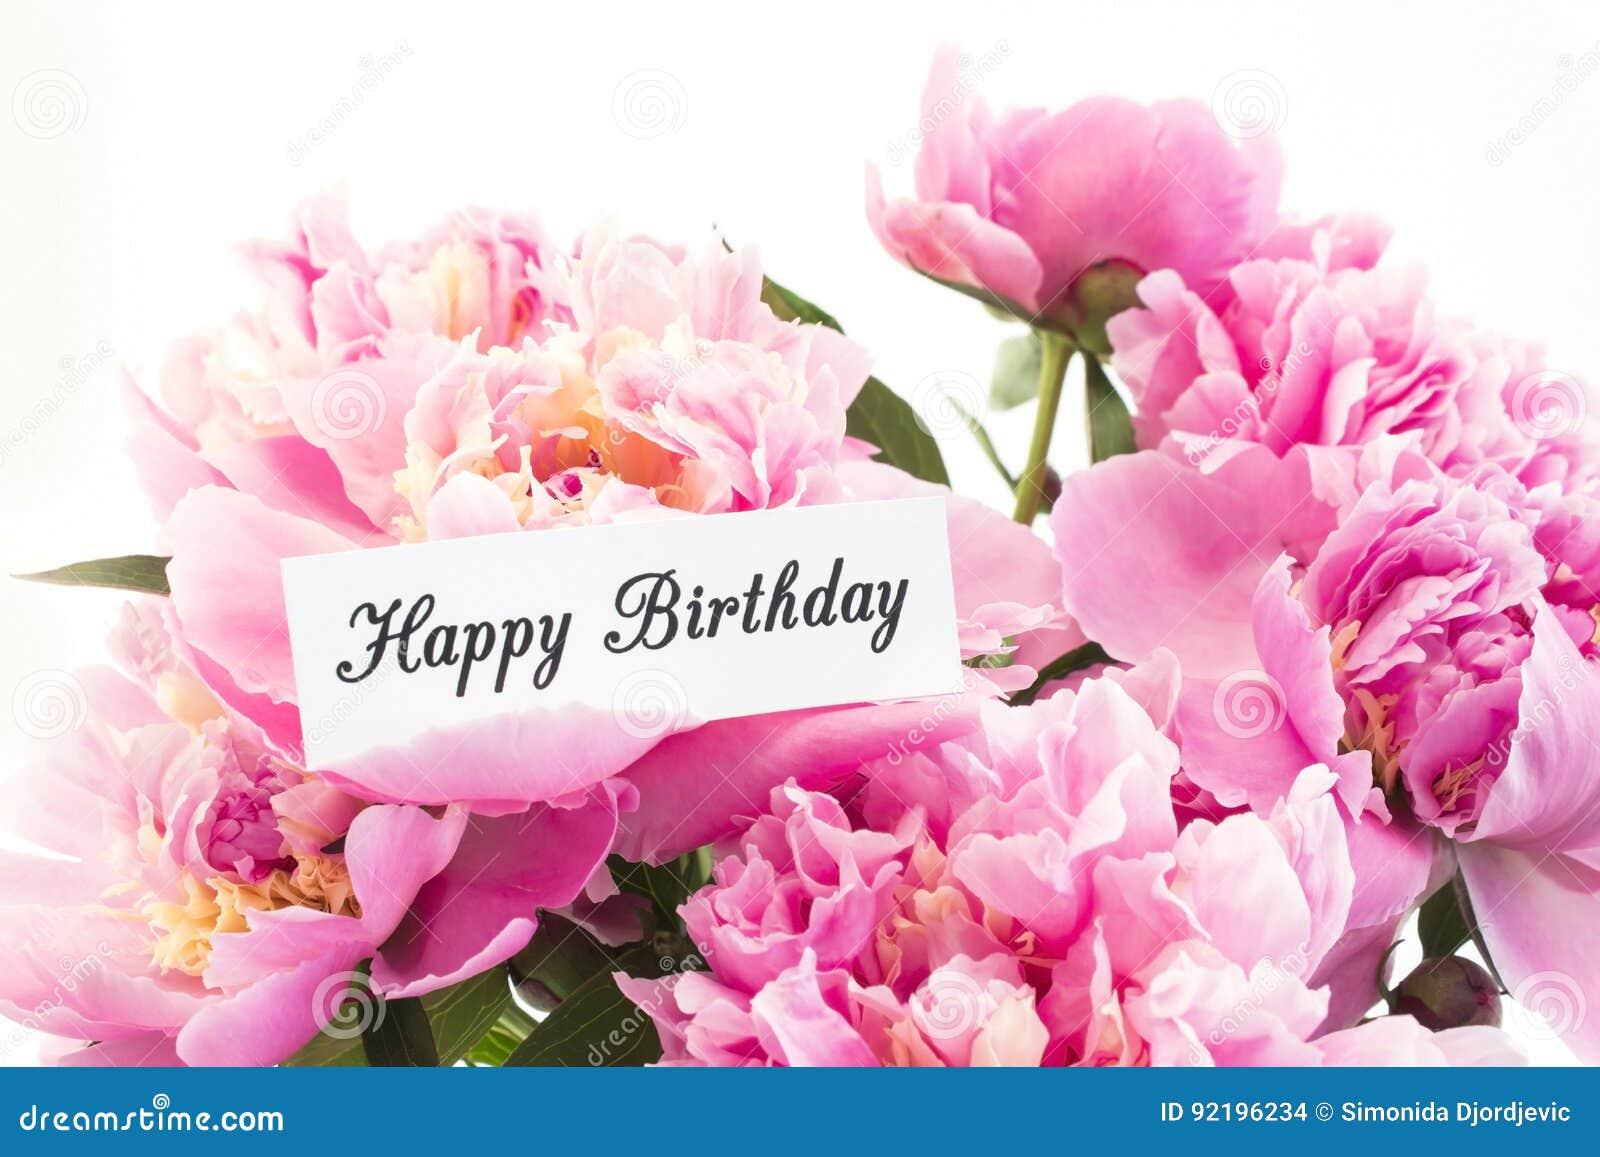 Carte Anniversaire Bouquet De Roses.Carte De Joyeux Anniversaire Avec Le Bouquet Des Pivoines